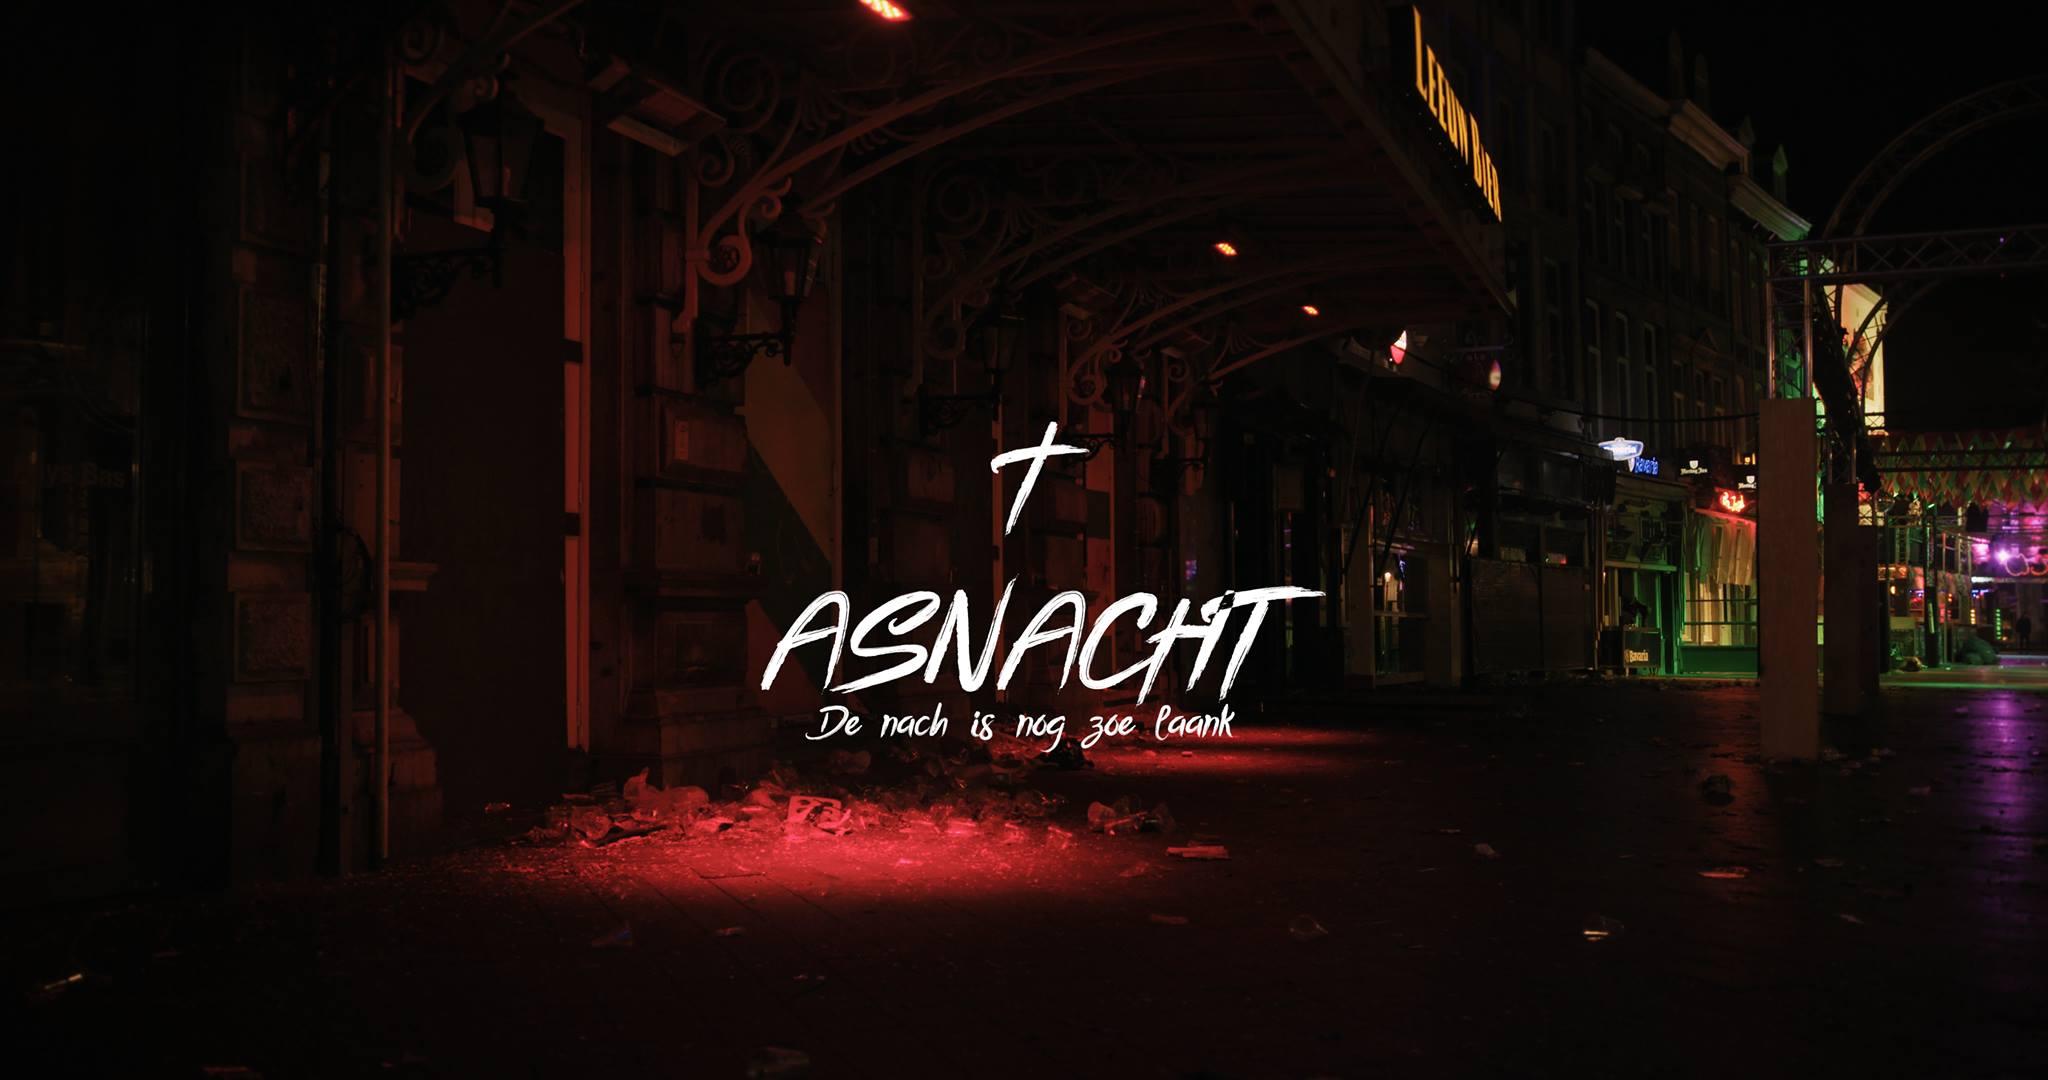 Asnacht